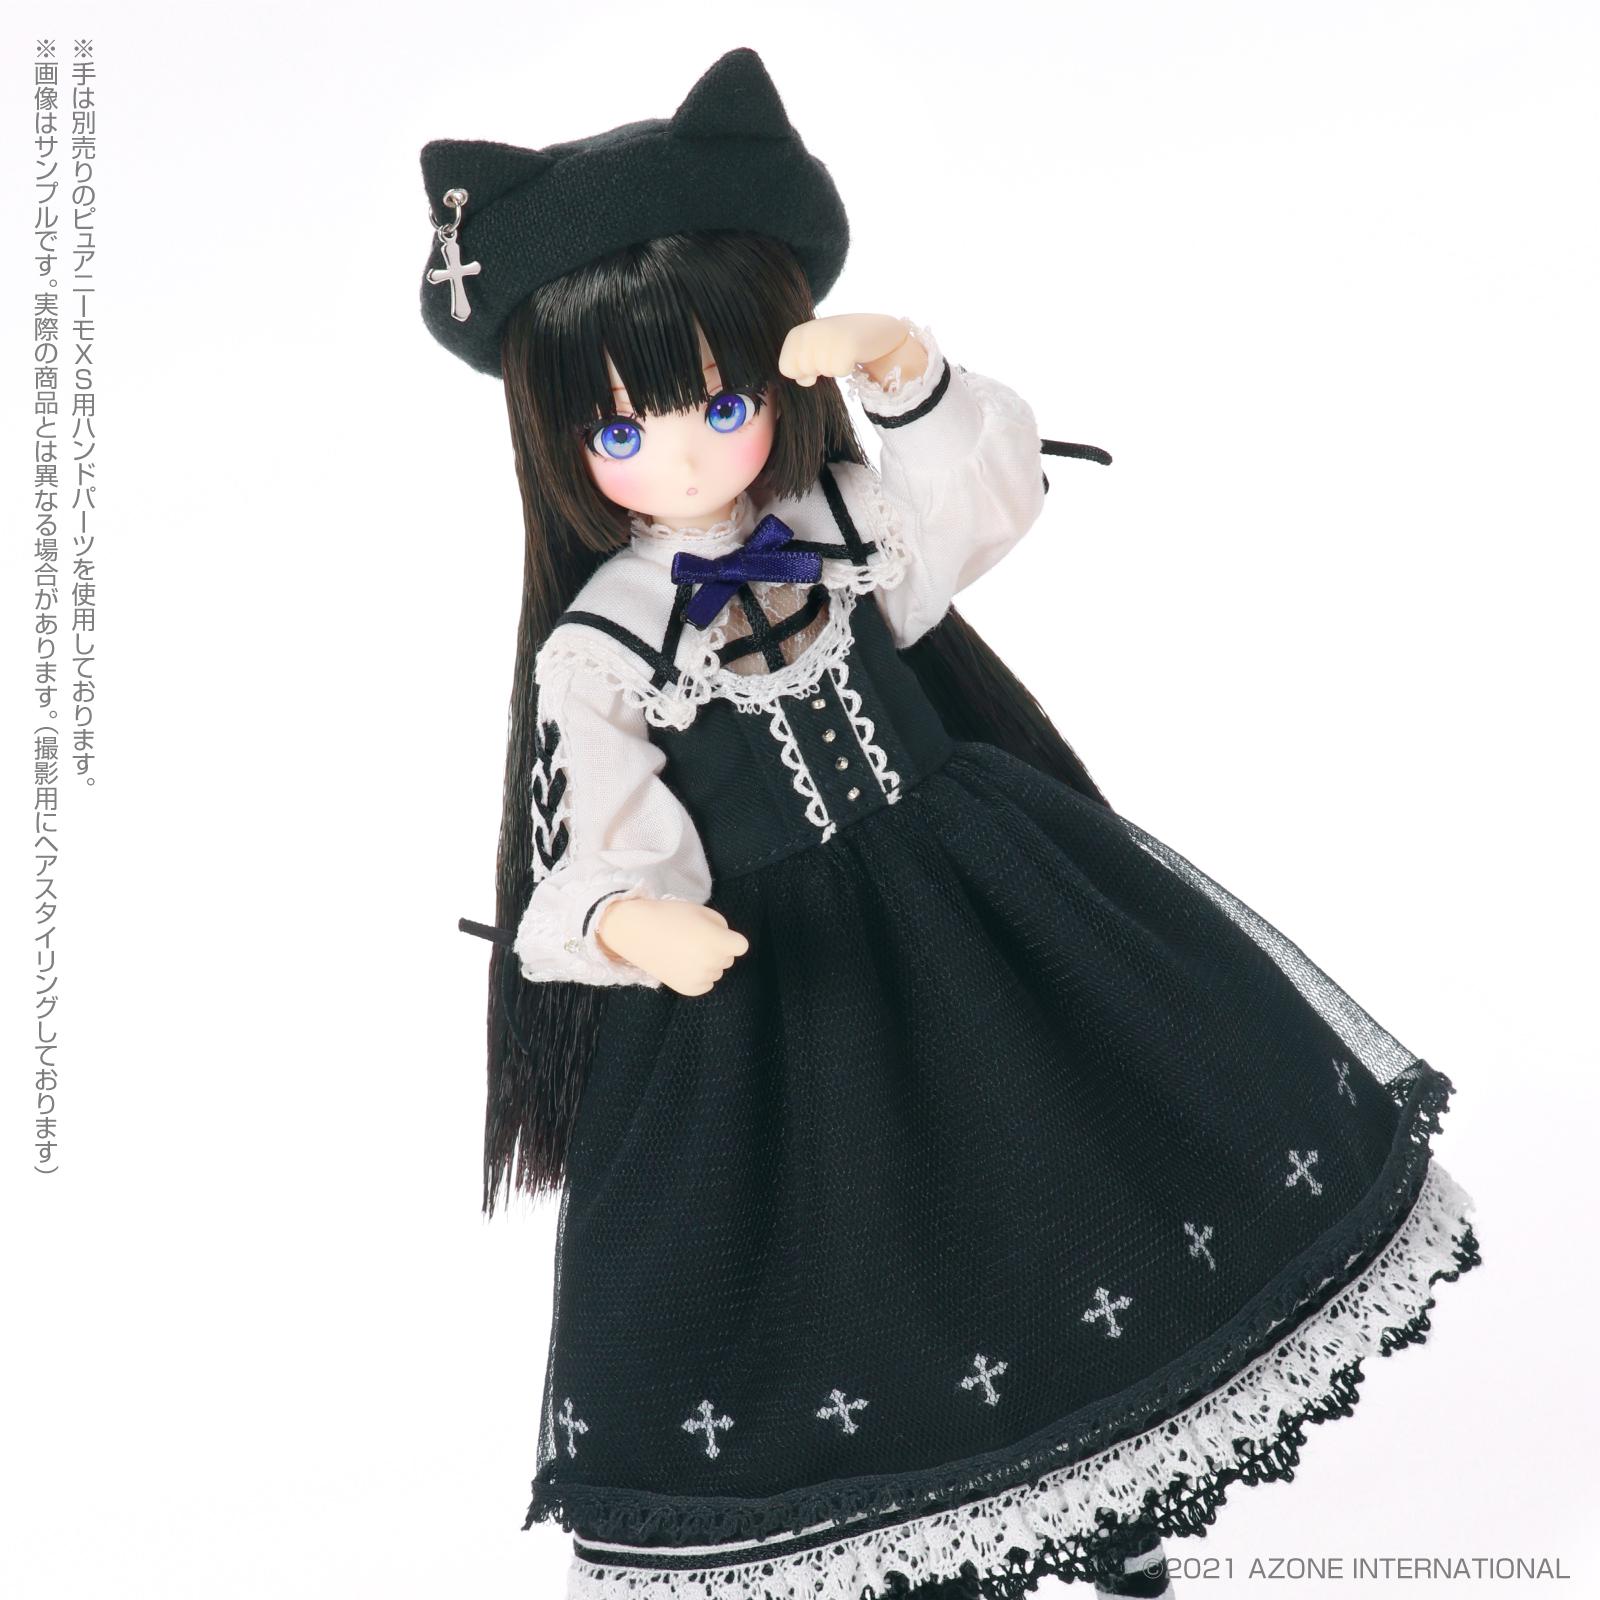 ルミナス*ストリート『みい/Mii ~Cat walking path~(通常販売ver.)』Luminous*Street 1/6 完成品ドール-012